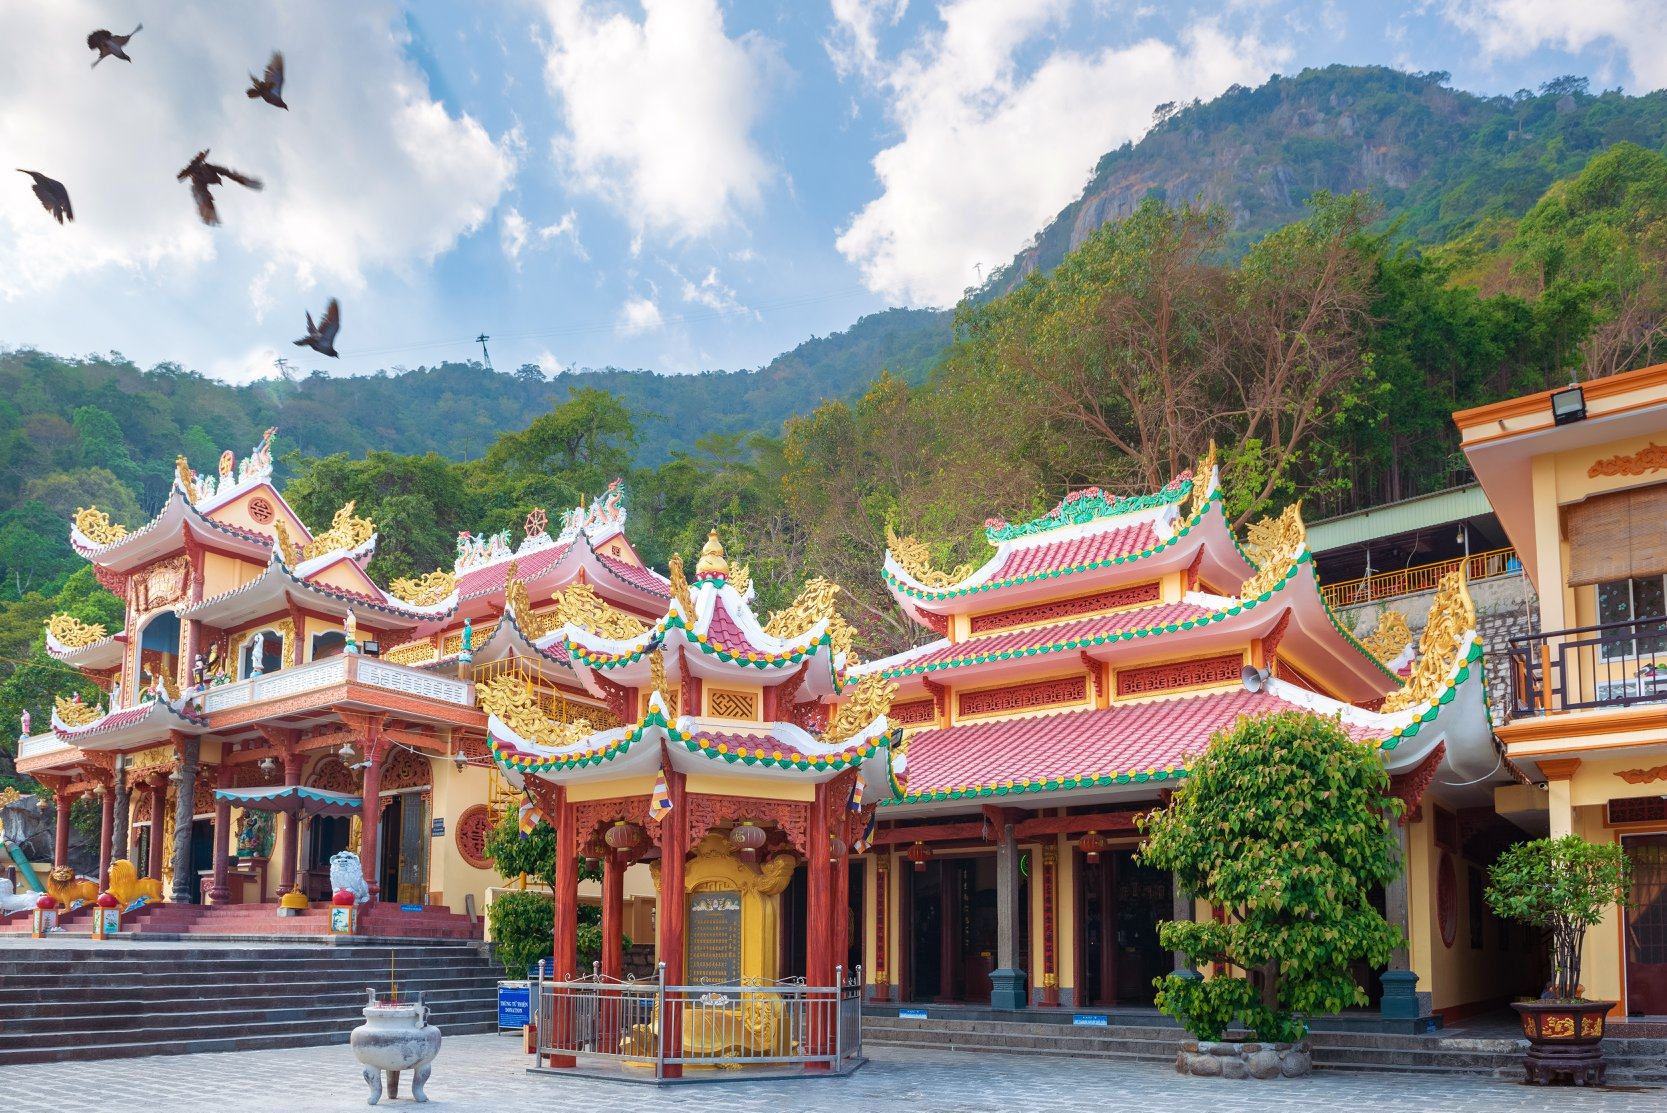 Lịch sử núi Bà Đen Tây Ninh - nơi ghi dấu bao truyền thuyết xa xưa nổi tiếng - Ảnh 6.